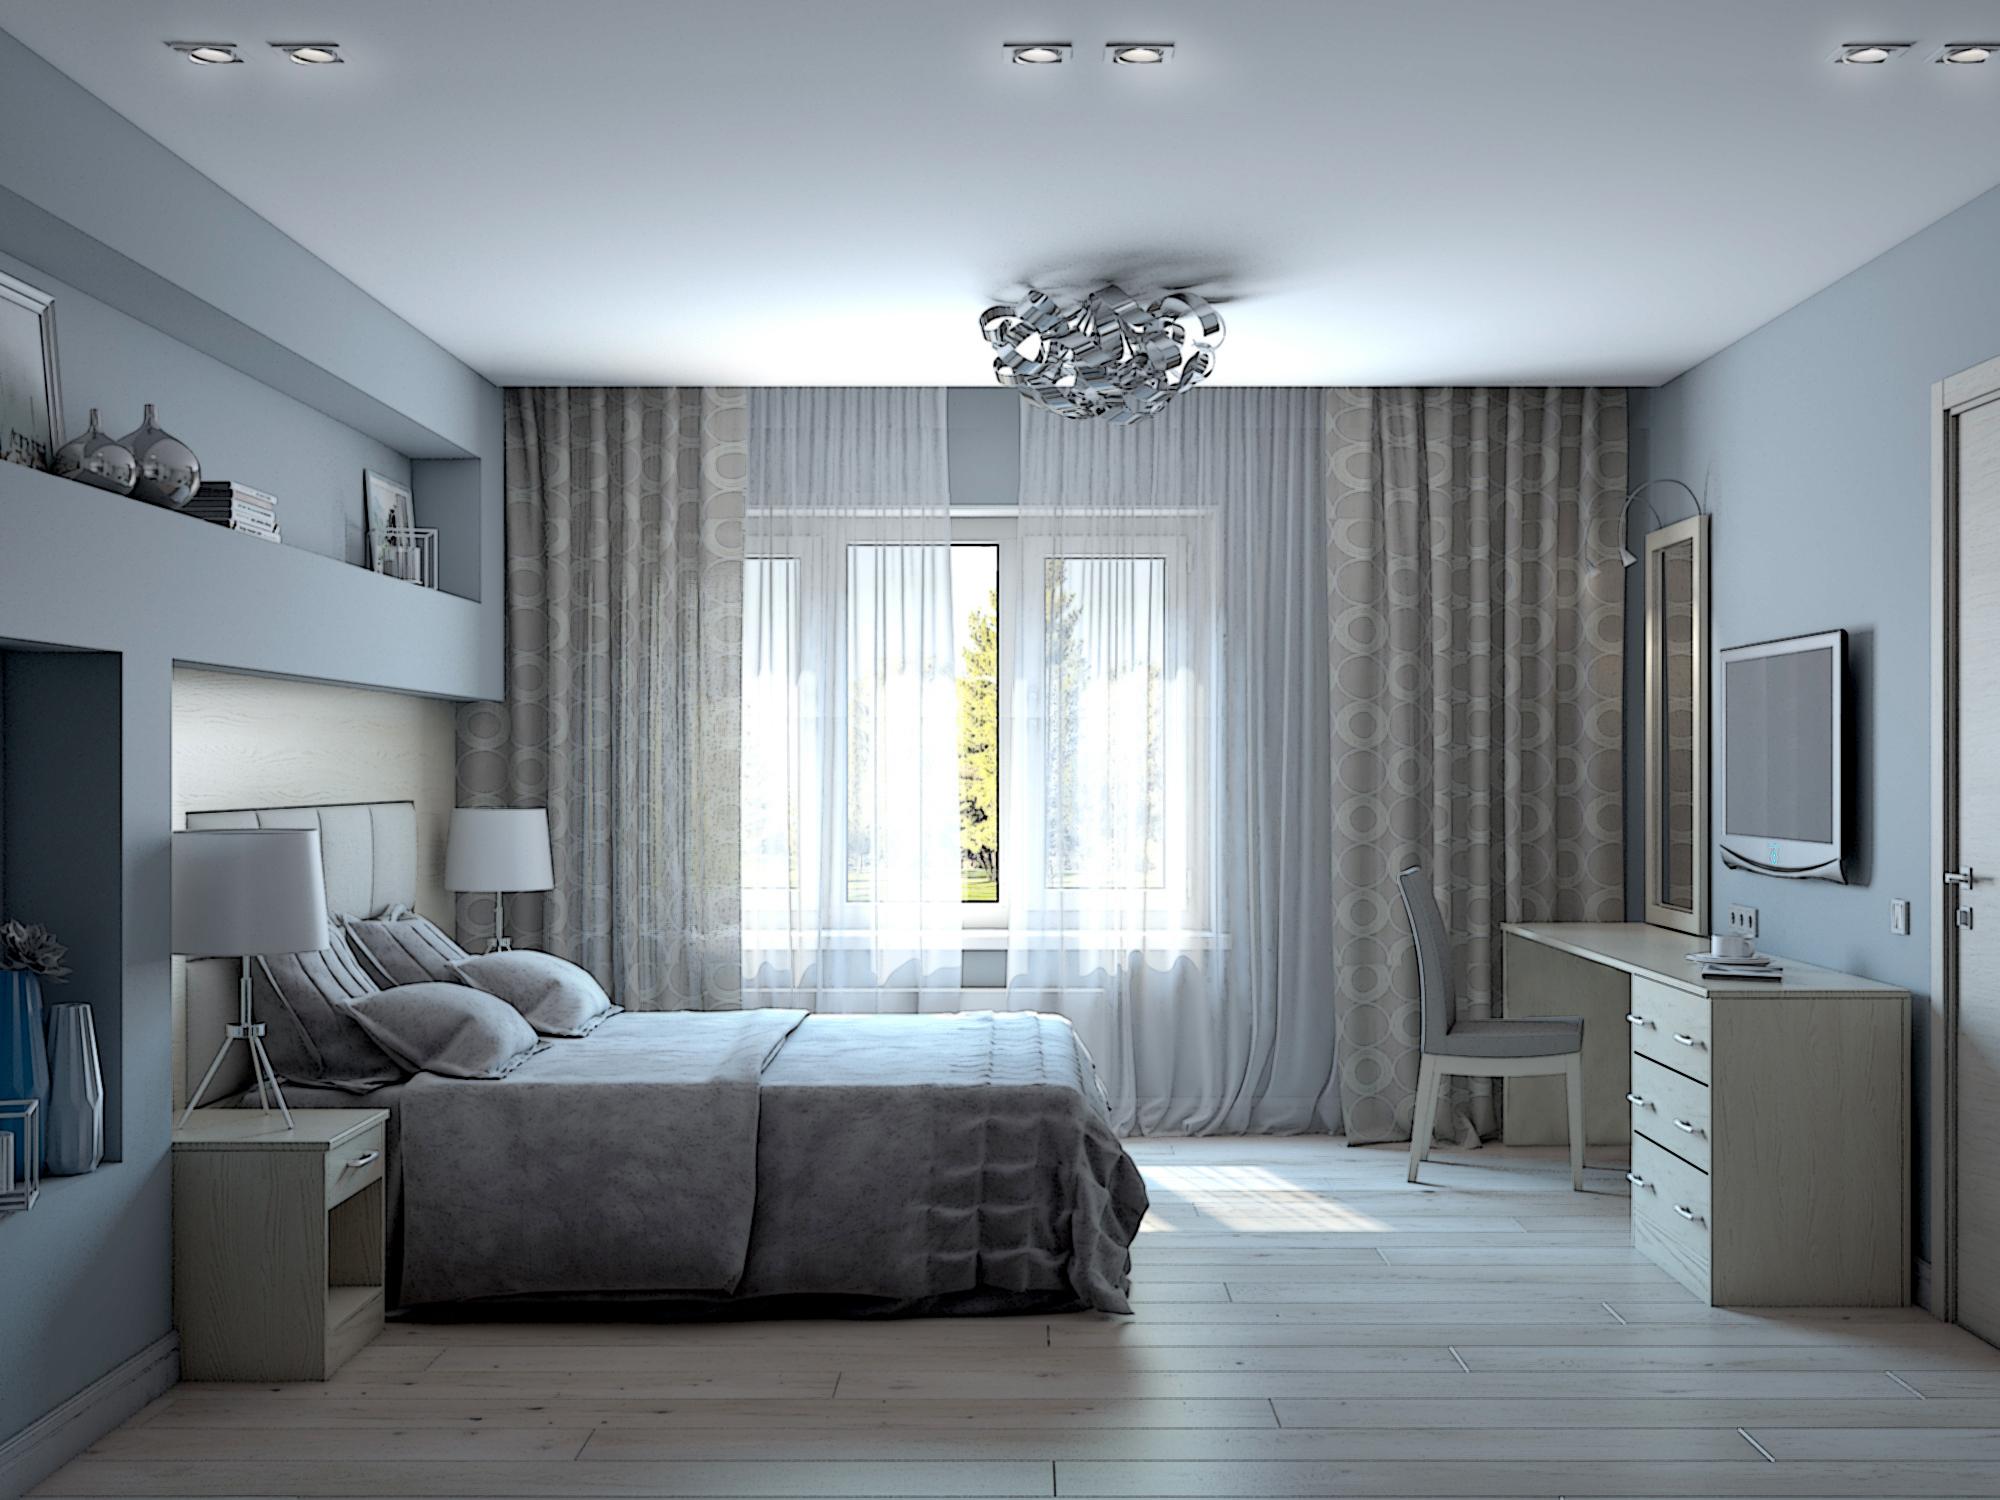 Жилой апартамент, спальня